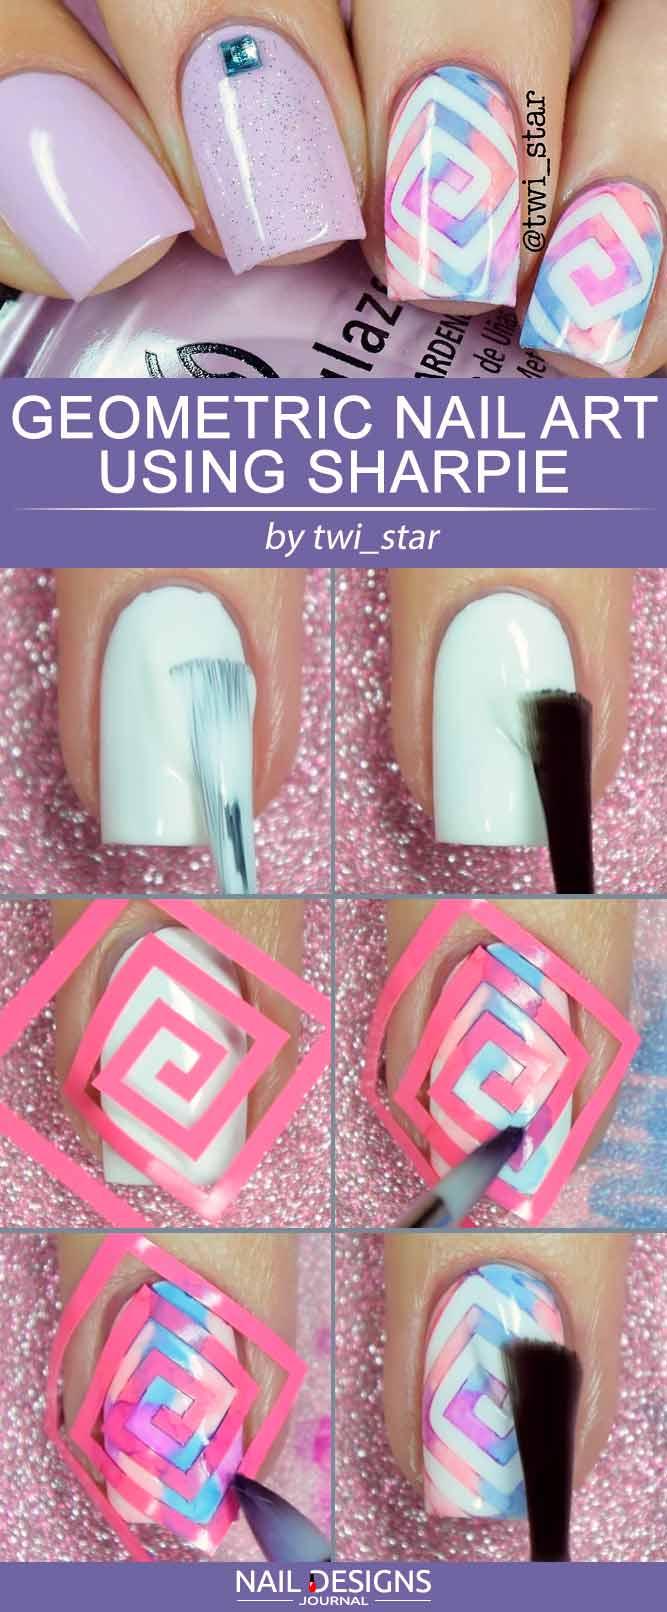 Geometrische Nail Art mit Sharpie # watercolornails #geometricnails #lilacnails